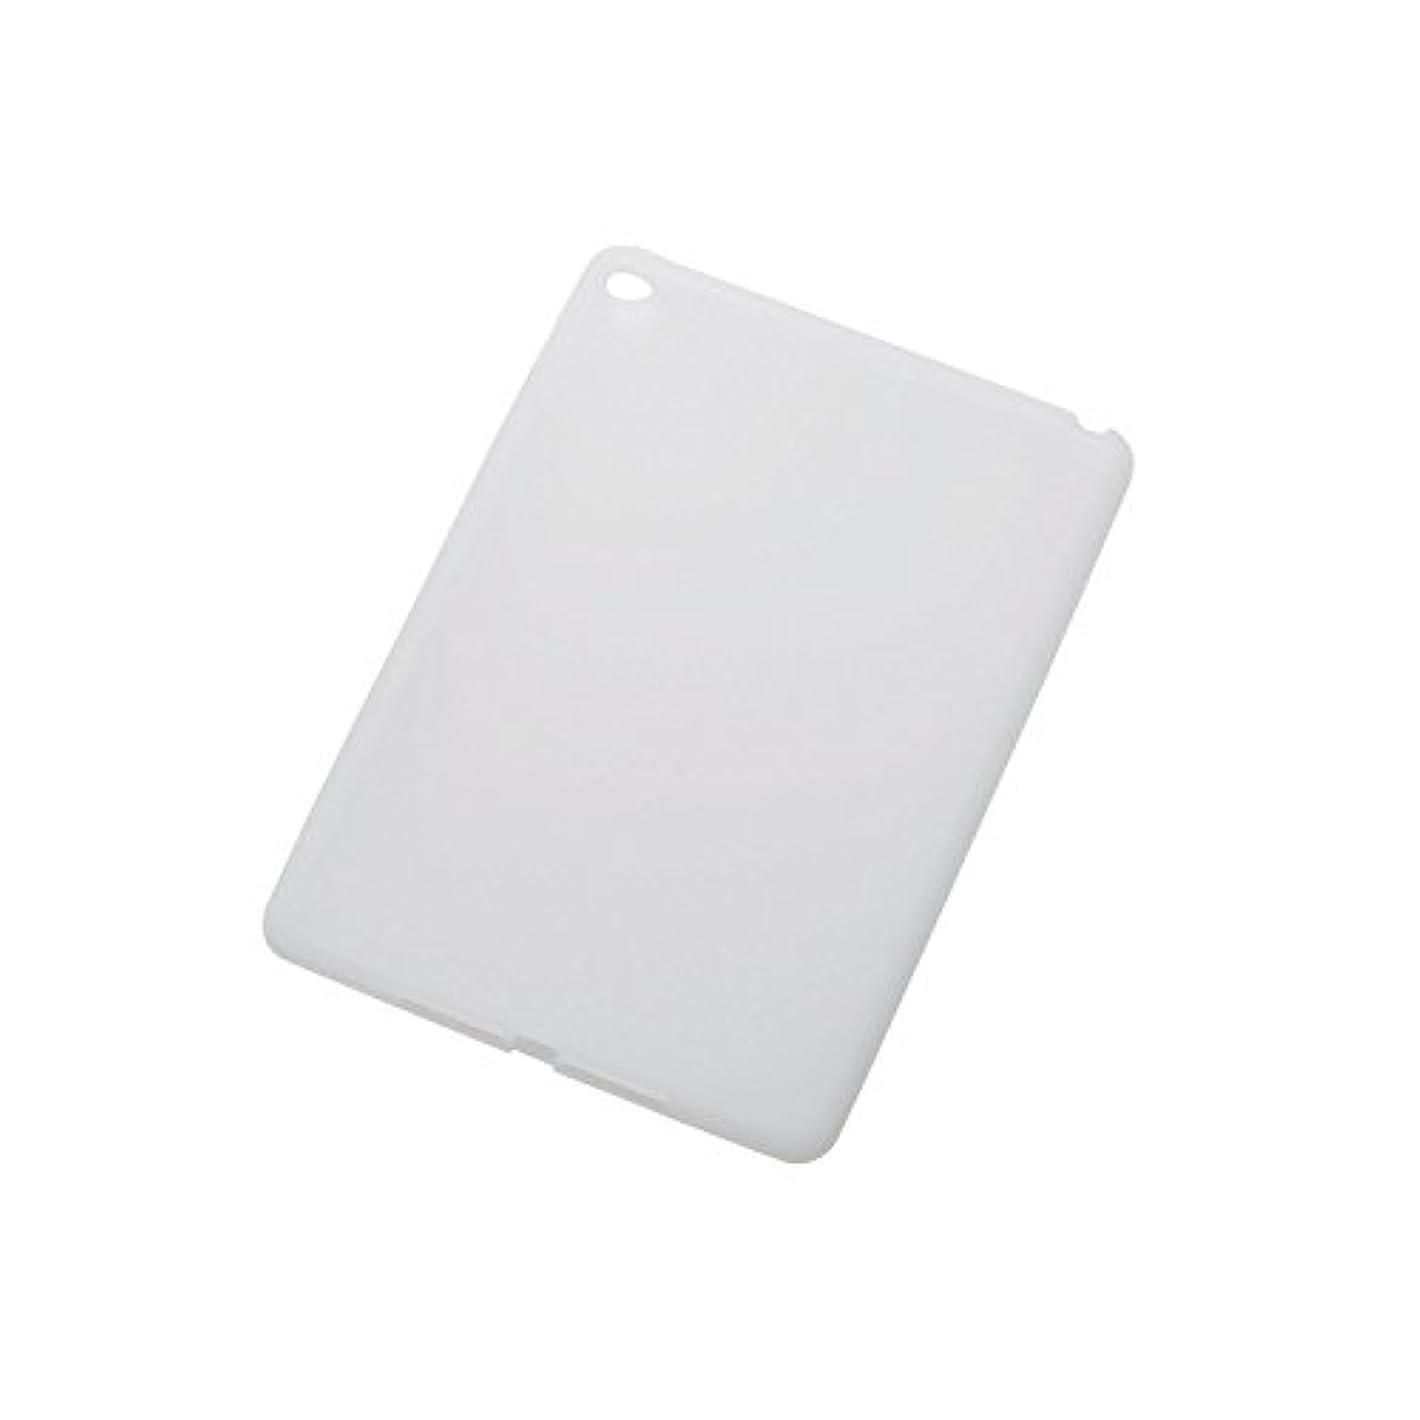 彼自身解凍する、雪解け、霜解け部分的に【2014年モデル】ELECOM iPad Air 2 シリコンケース ホコリを防ぐアンチダストコート クリア TB-A14SCCR